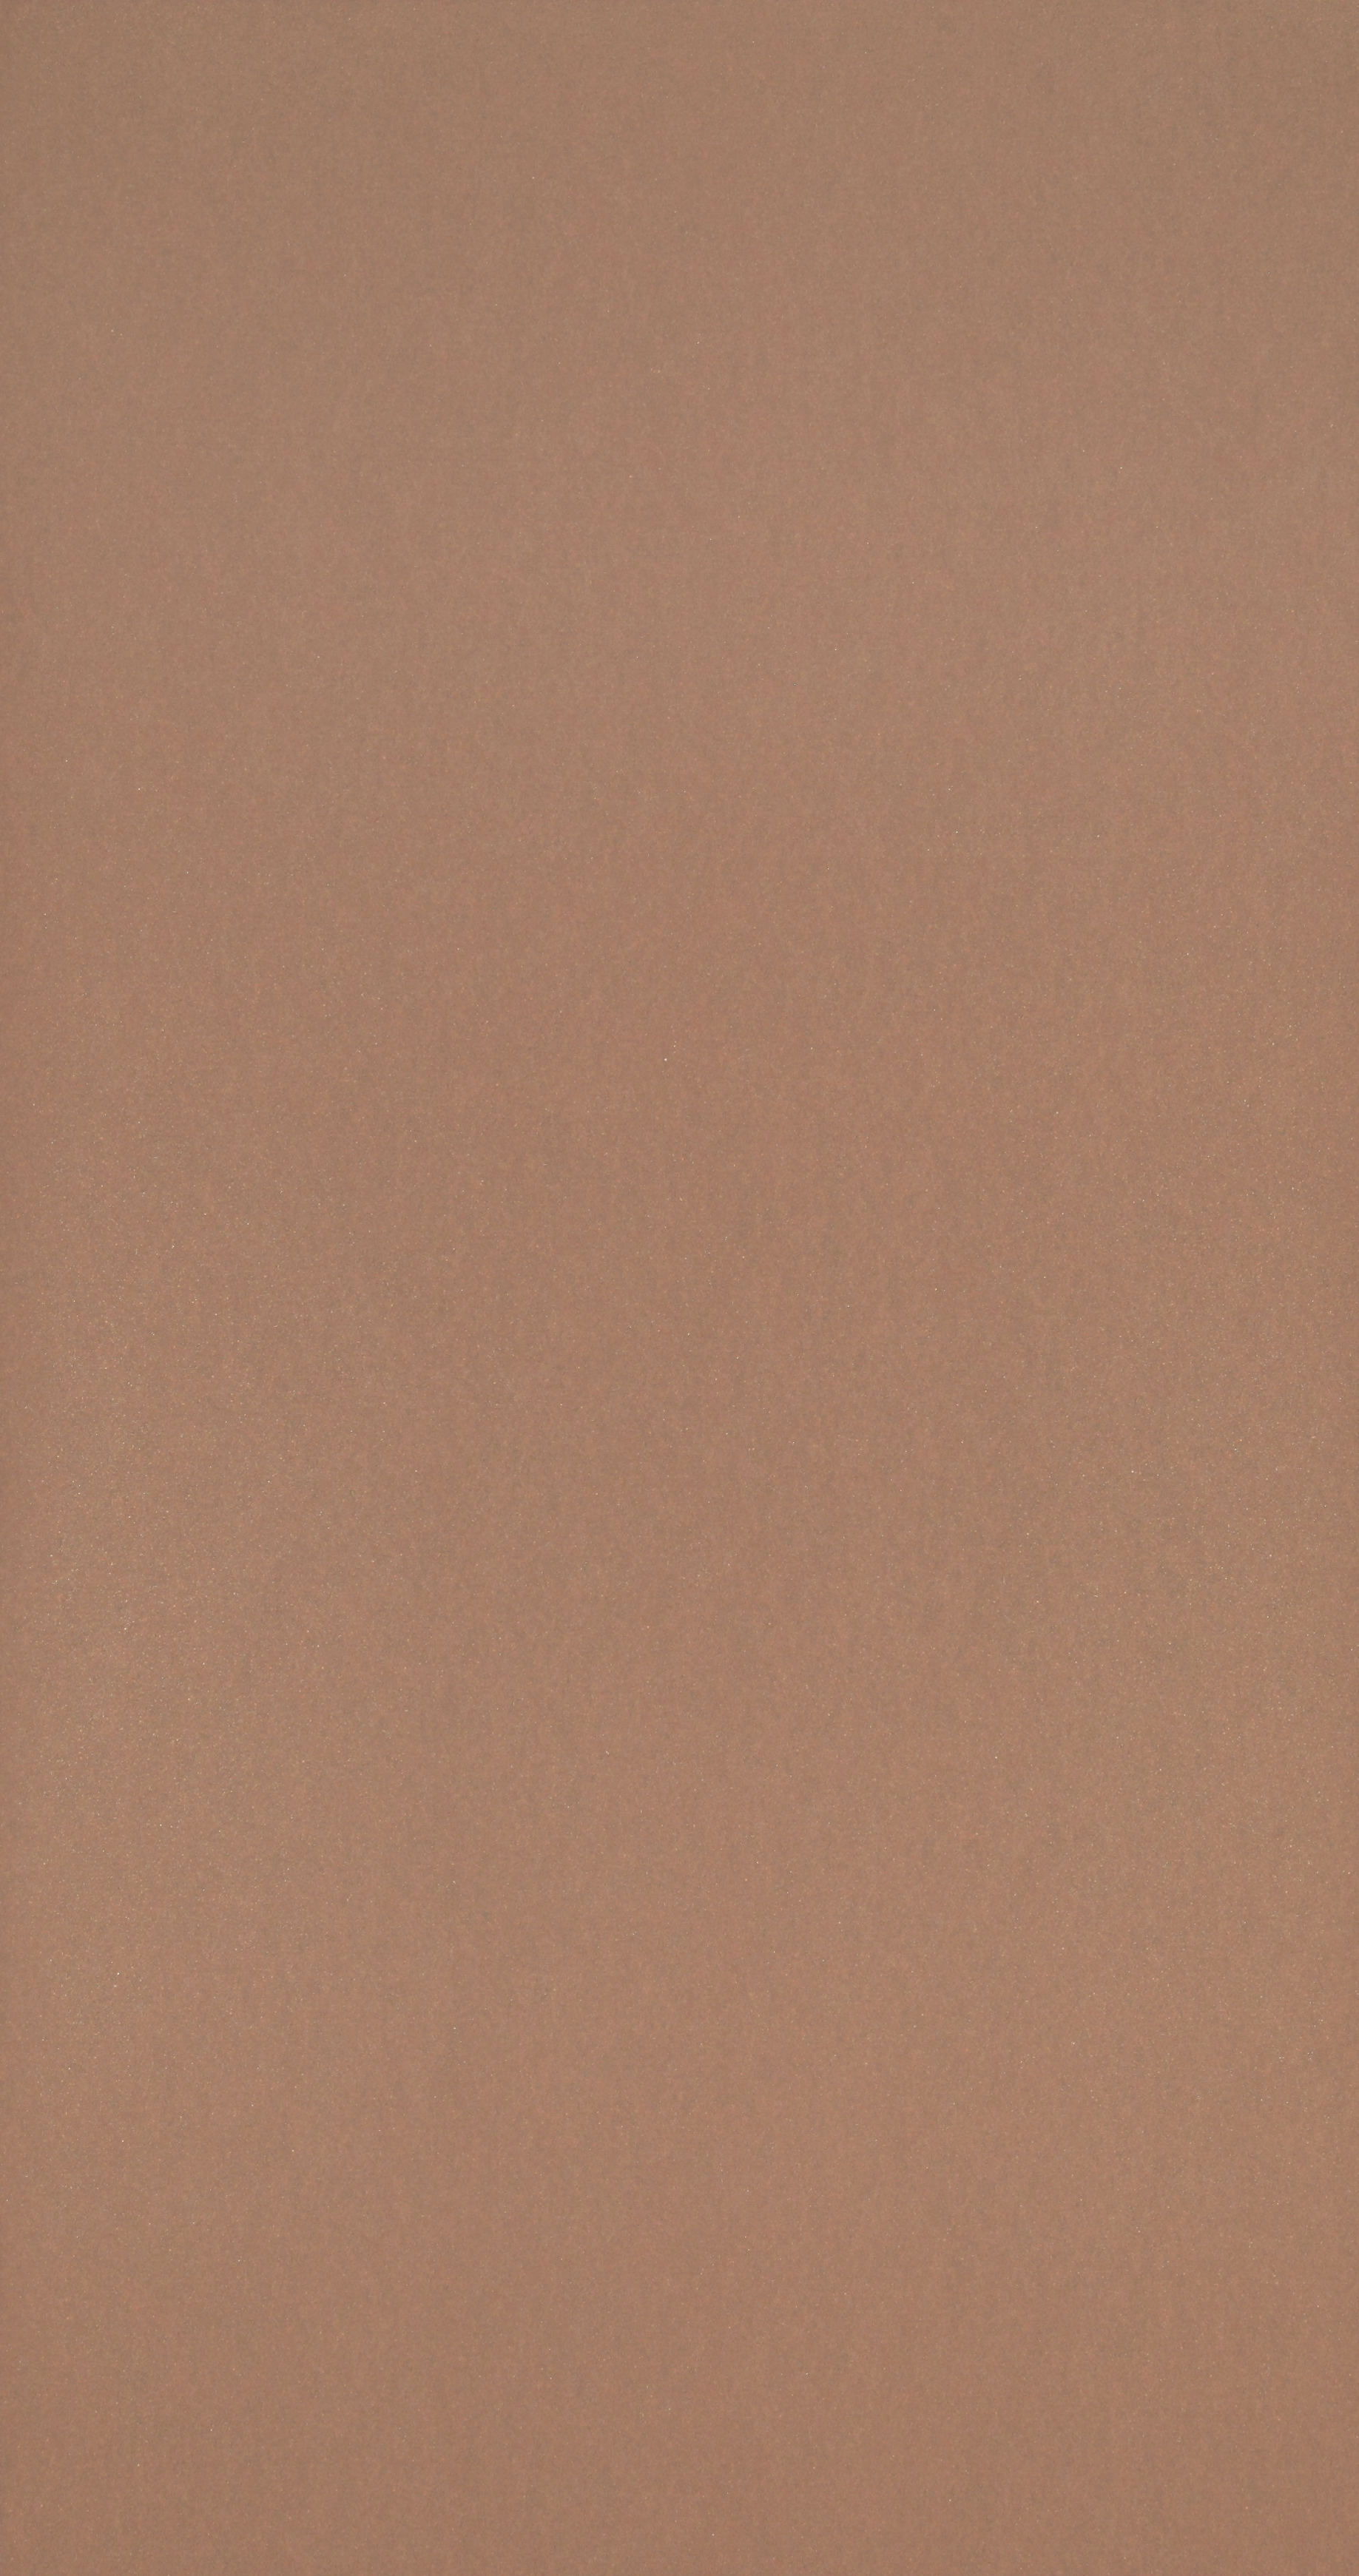 Обои  BN International,  коллекция Pure Passion, артикул17388